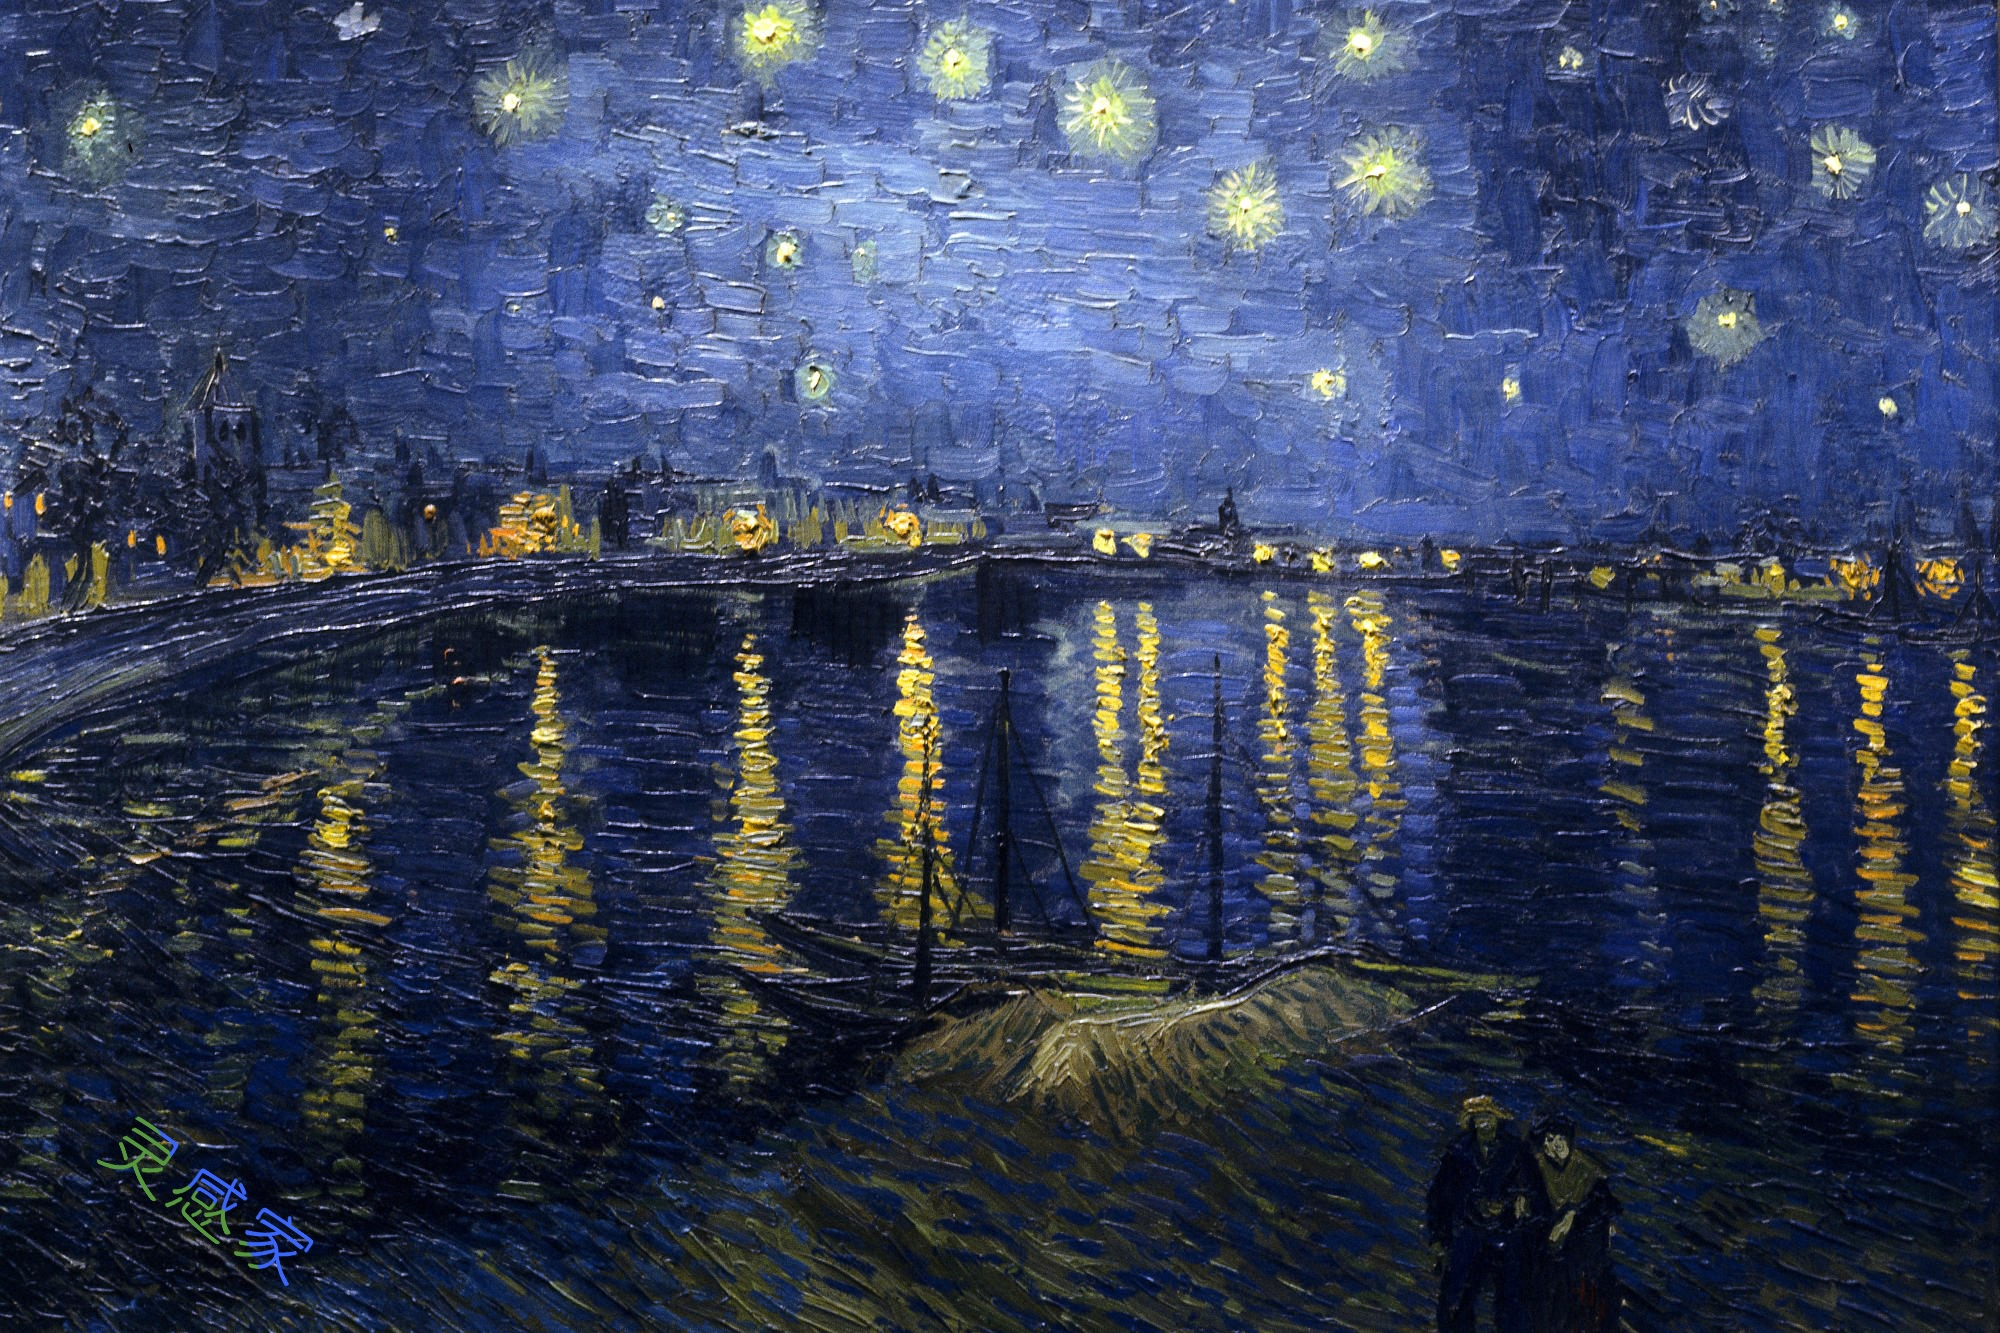 梵高星夜三部曲_《罗纳河上的星夜》高清图片赏析(1)